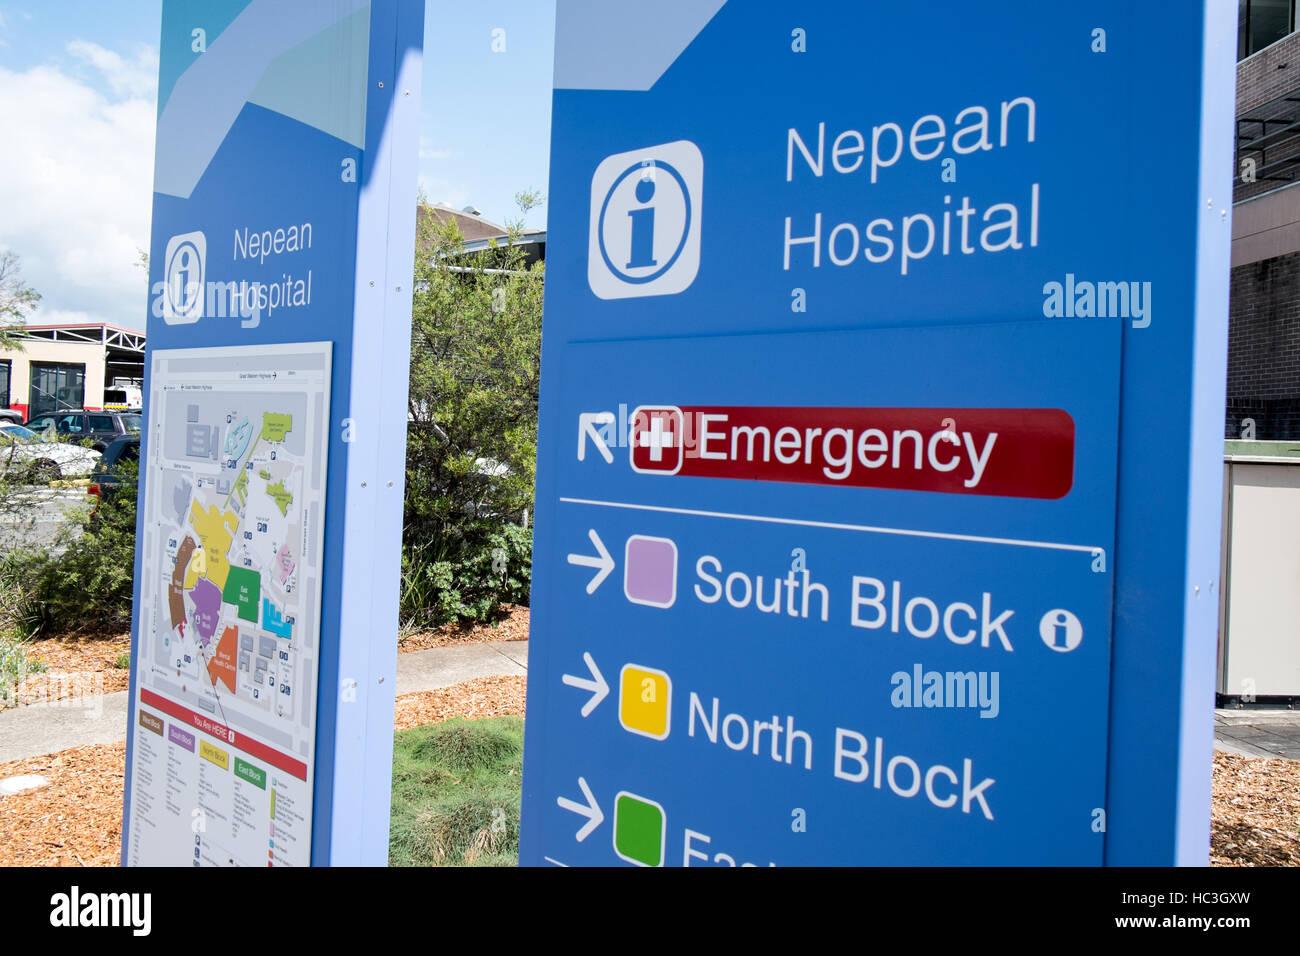 nepean hospital - photo #10